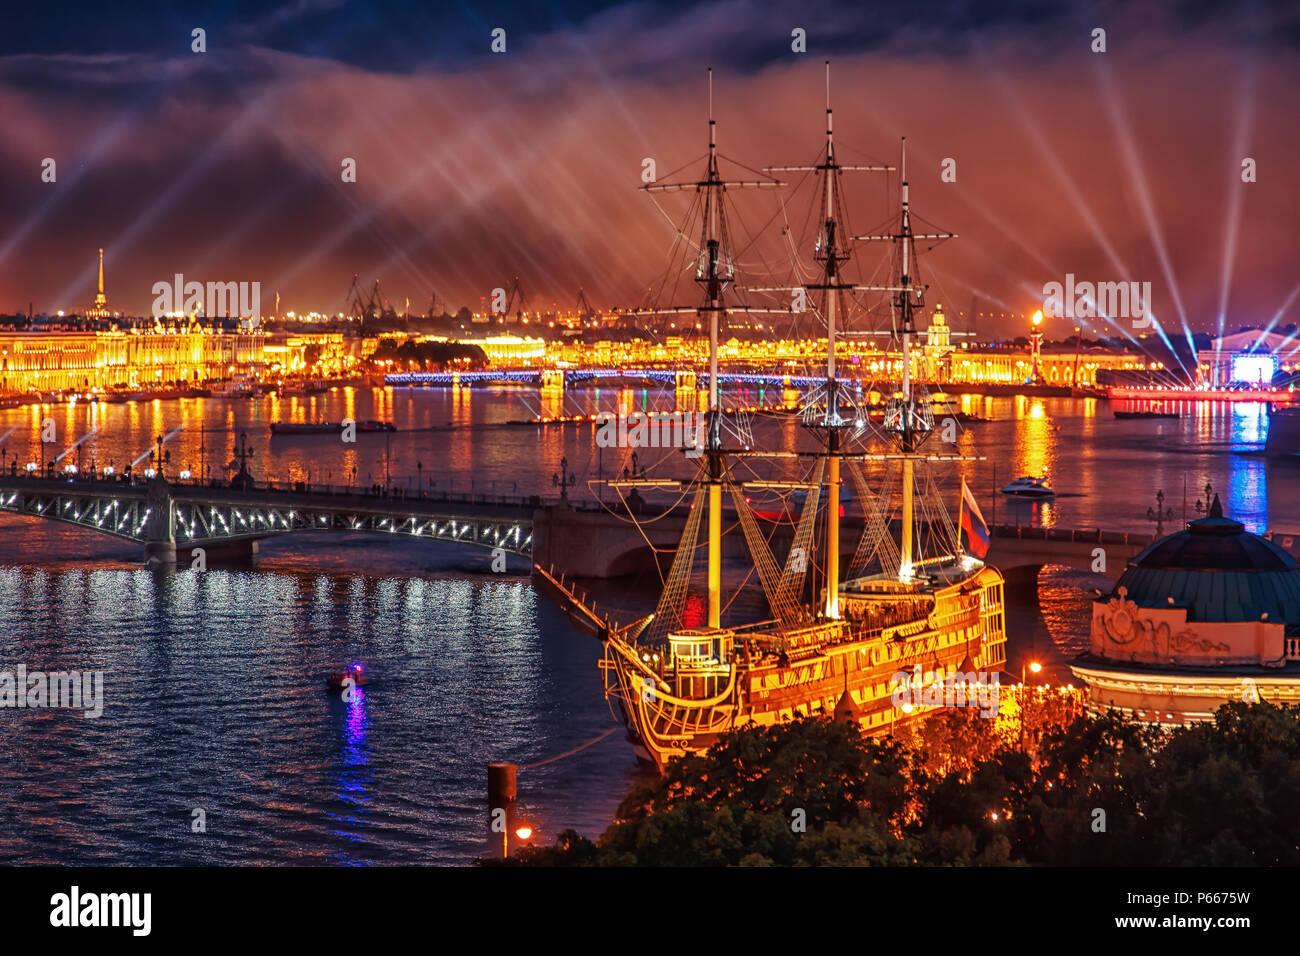 Voiles écarlates célébration à St Petersbourg. Maison de vacances traditionnelle de diplômés. Photo Stock